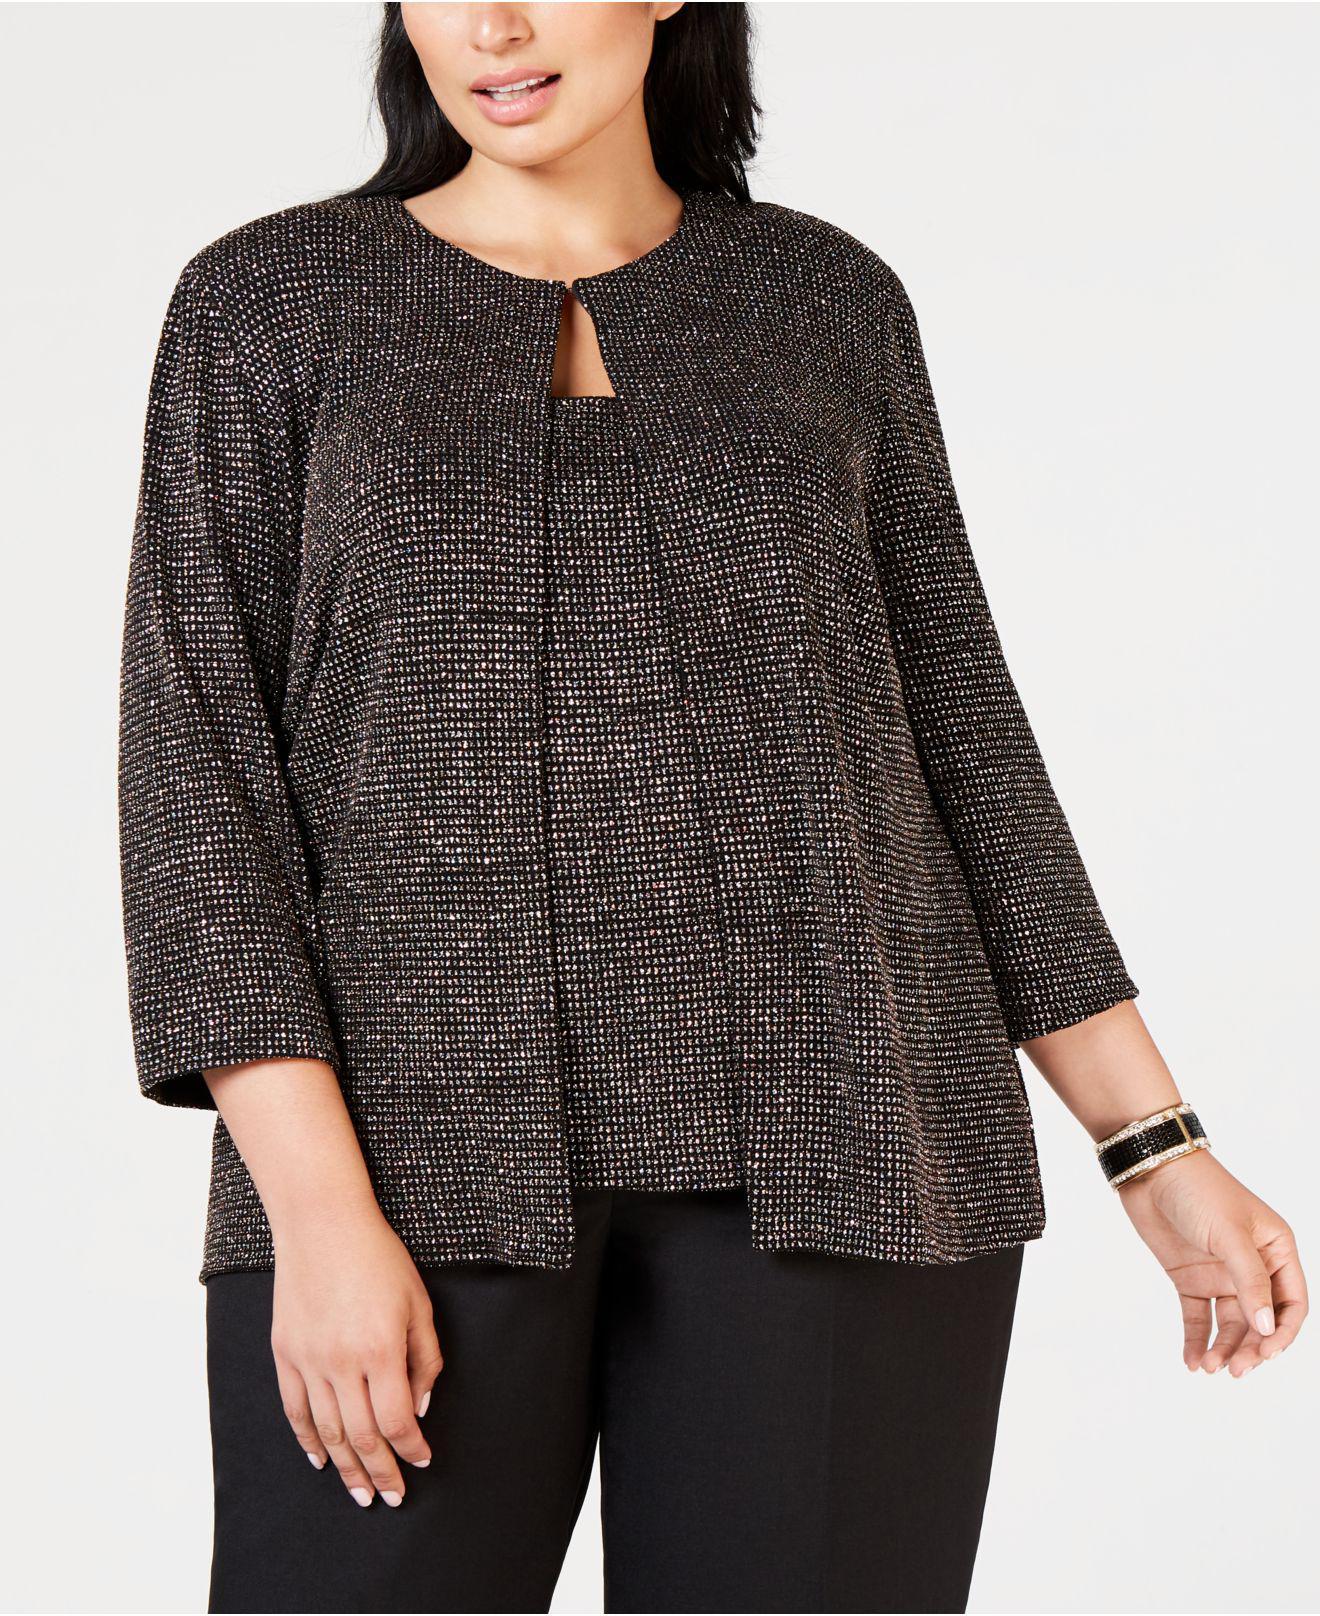 dd380121de174 Alex Evenings Plus Size Metallic Shine Jacket   Shell in Black - Lyst